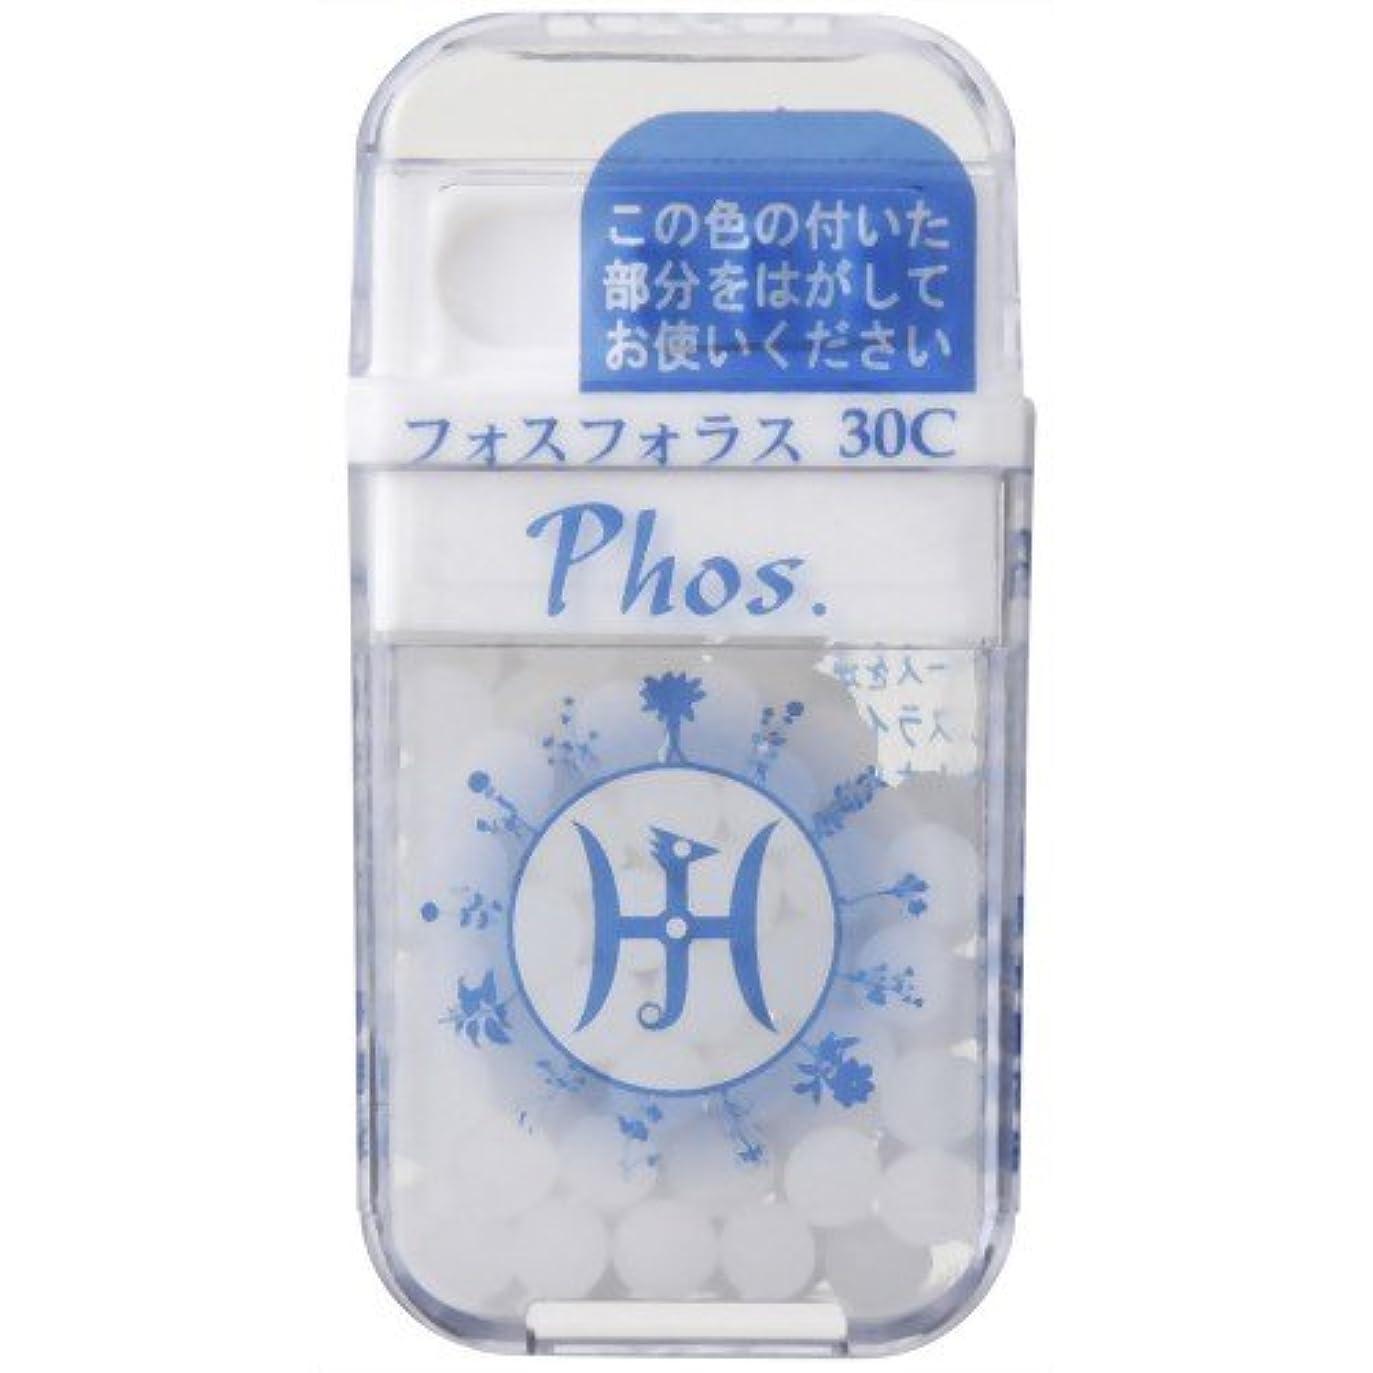 両方より多いに対処するホメオパシージャパンレメディー Phos.  フォスフォラス 30C (大ビン)